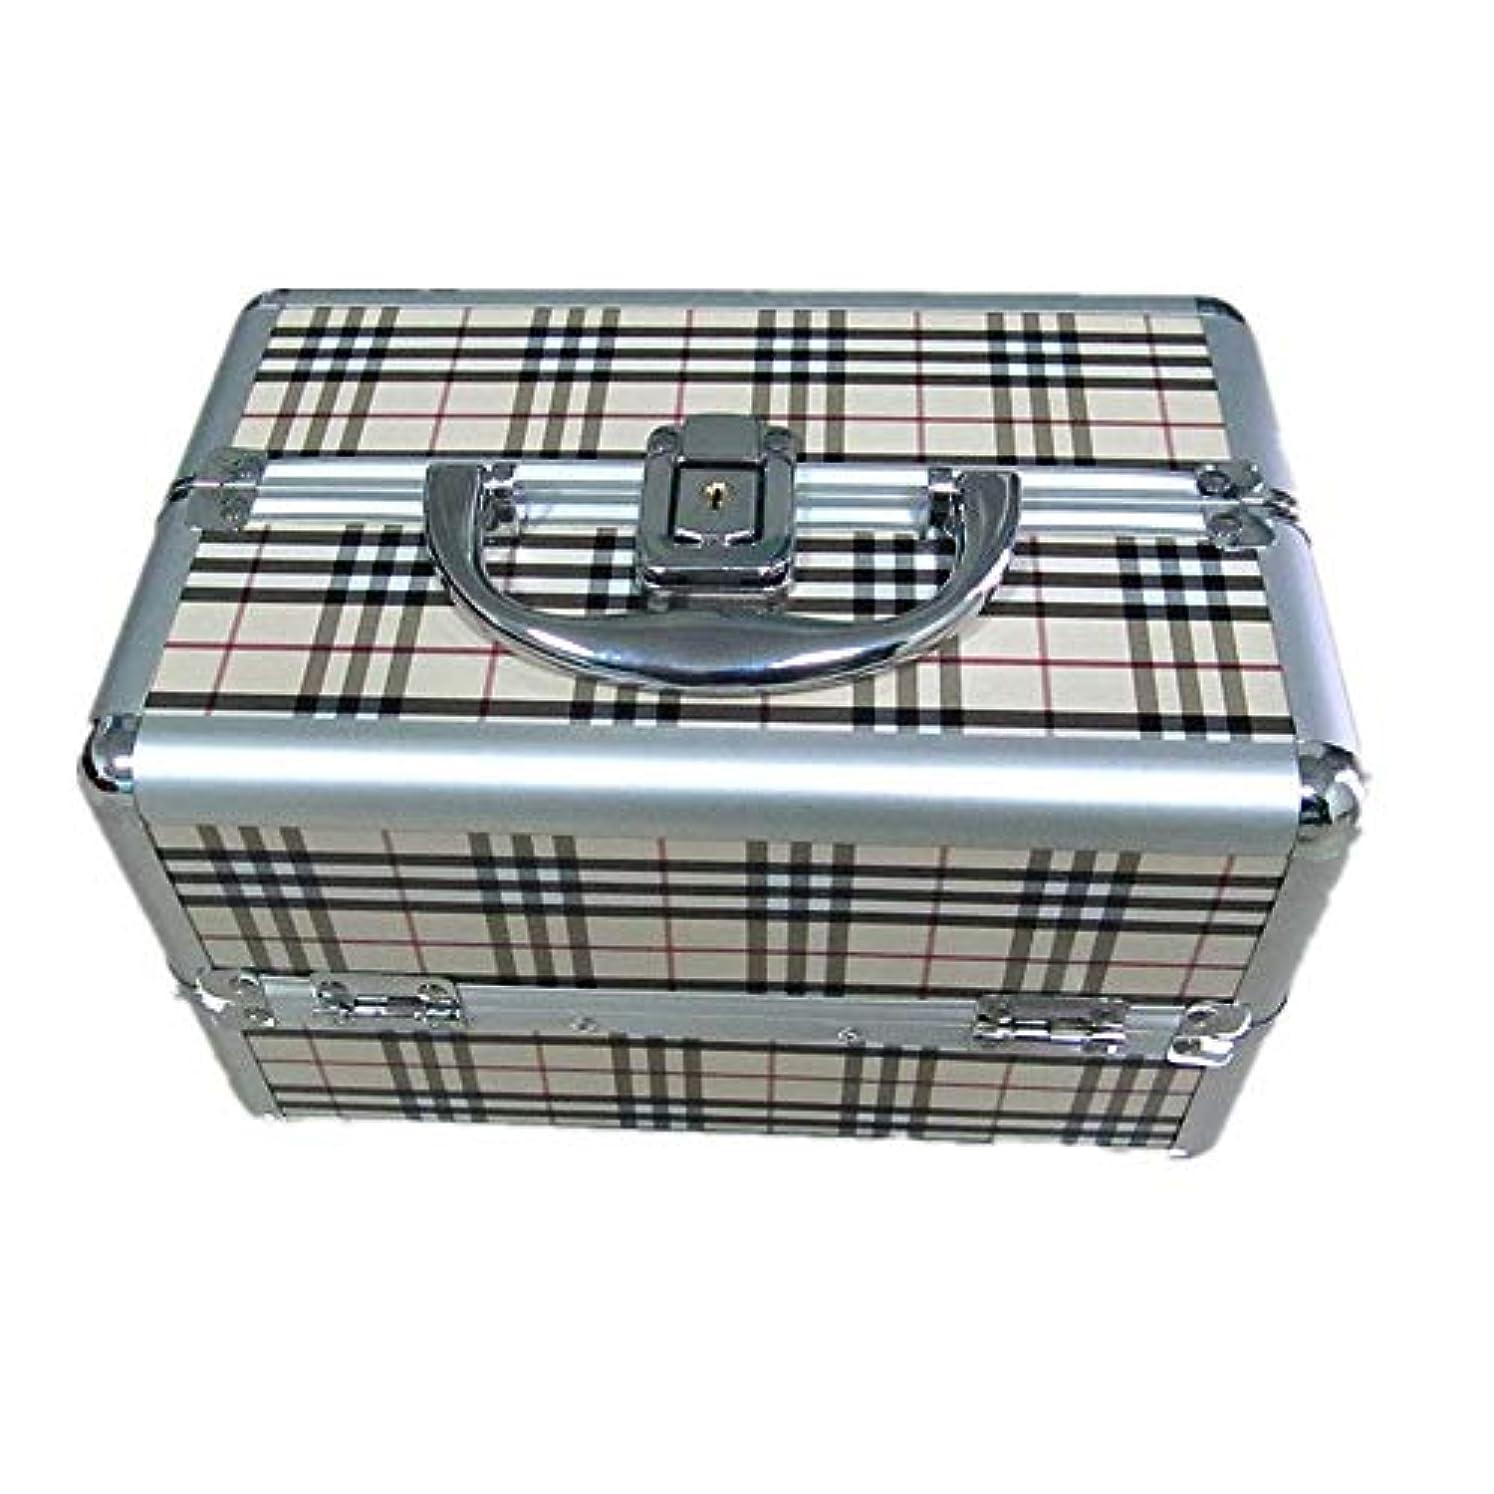 チャーミング適性猛烈な化粧オーガナイザーバッグ 大容量ポータブル化粧ケース(トラベルアクセサリー用)シャンプーボディウォッシュパーソナルアイテム収納トレイ(エクステンショントレイ付) 化粧品ケース